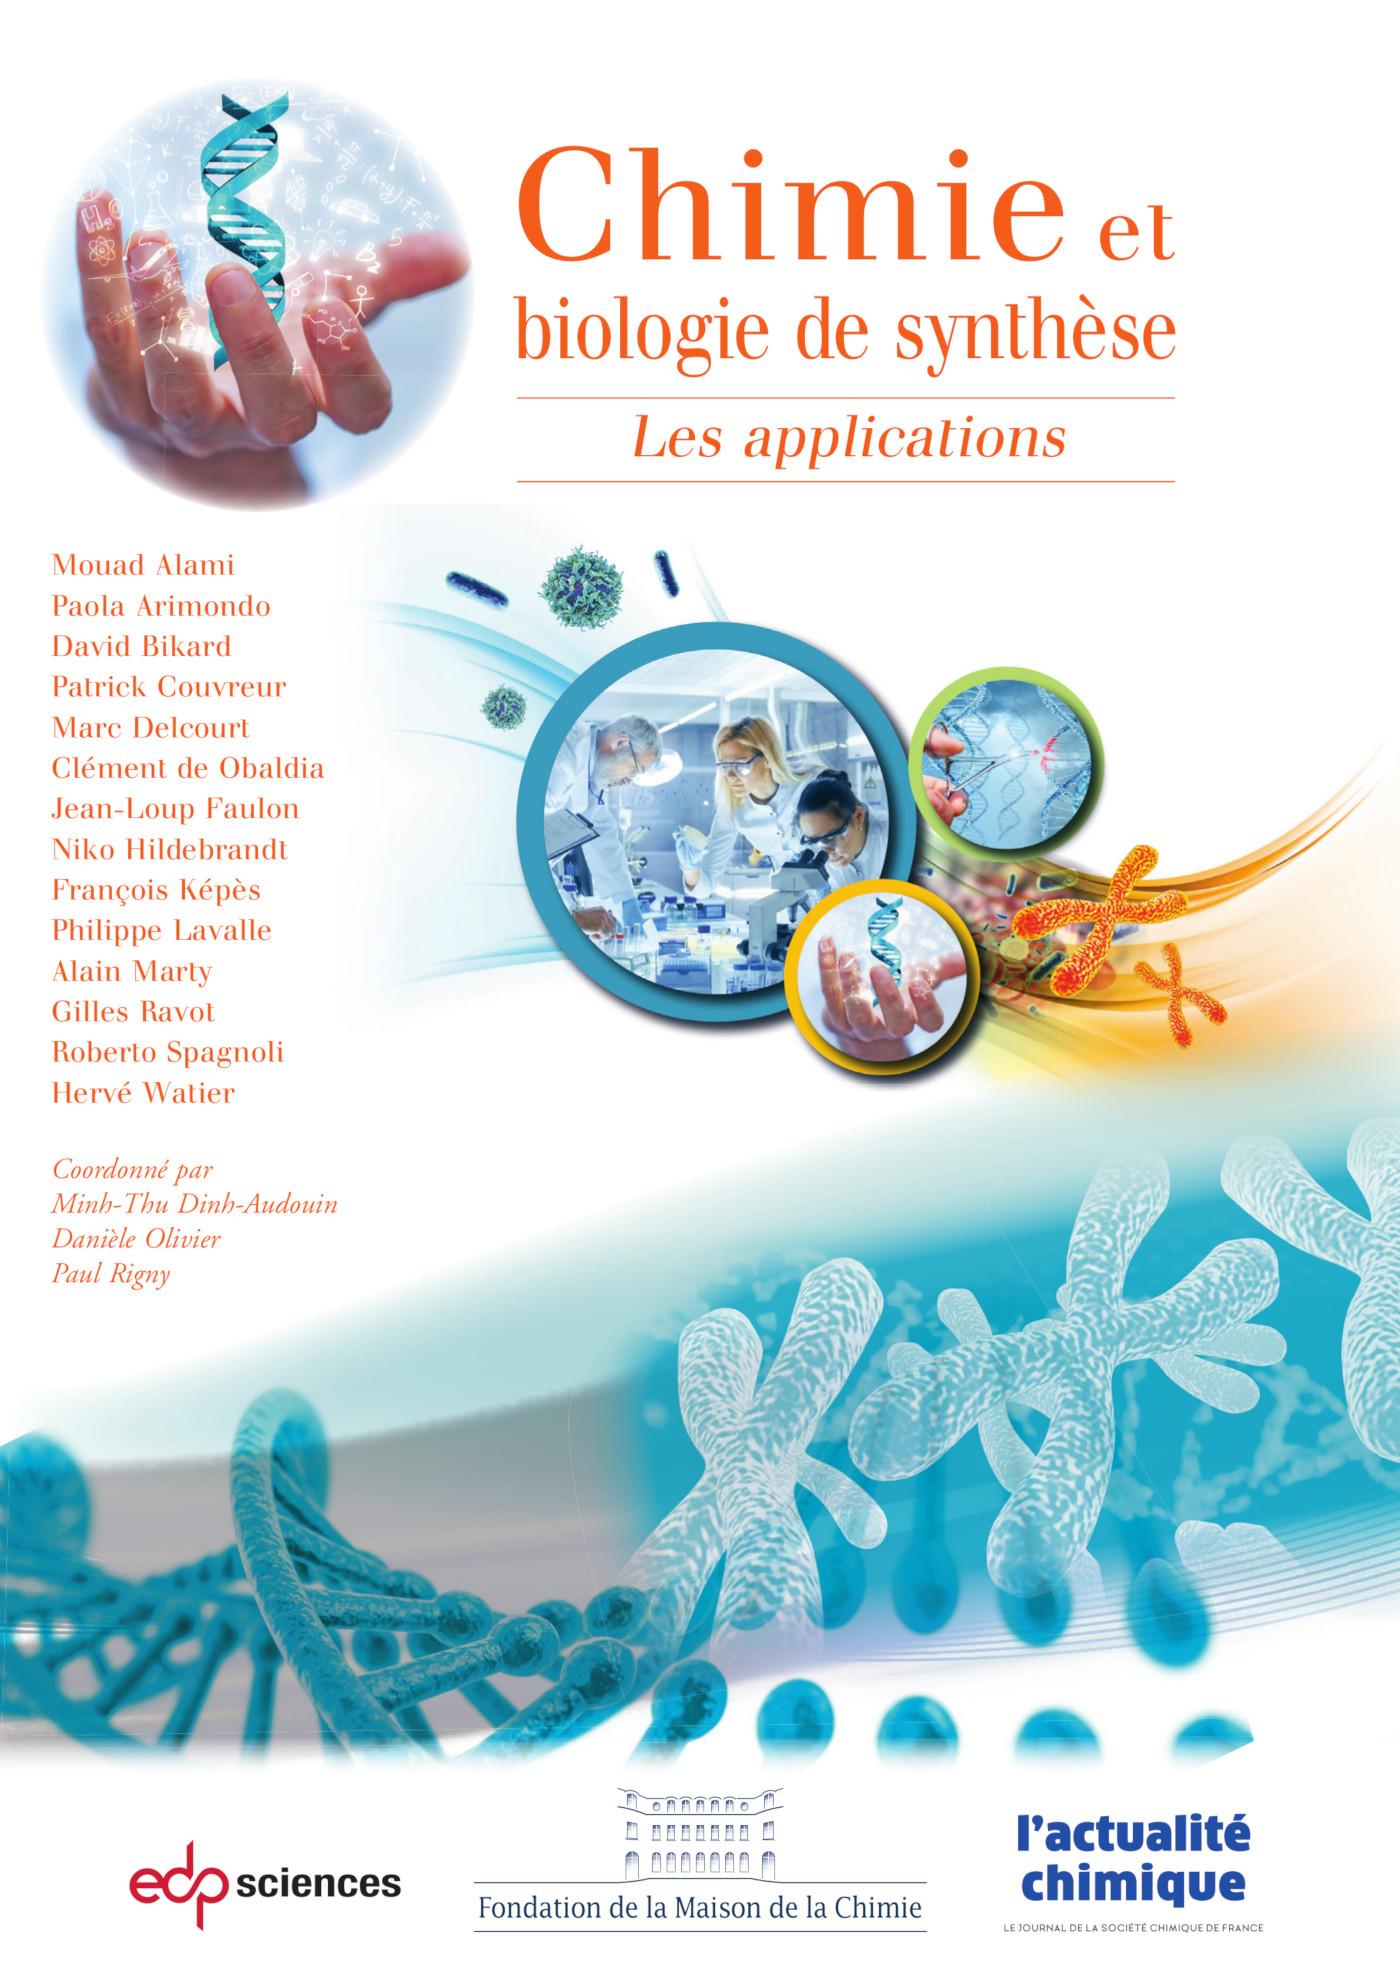 Chimie et biologie de synthèse